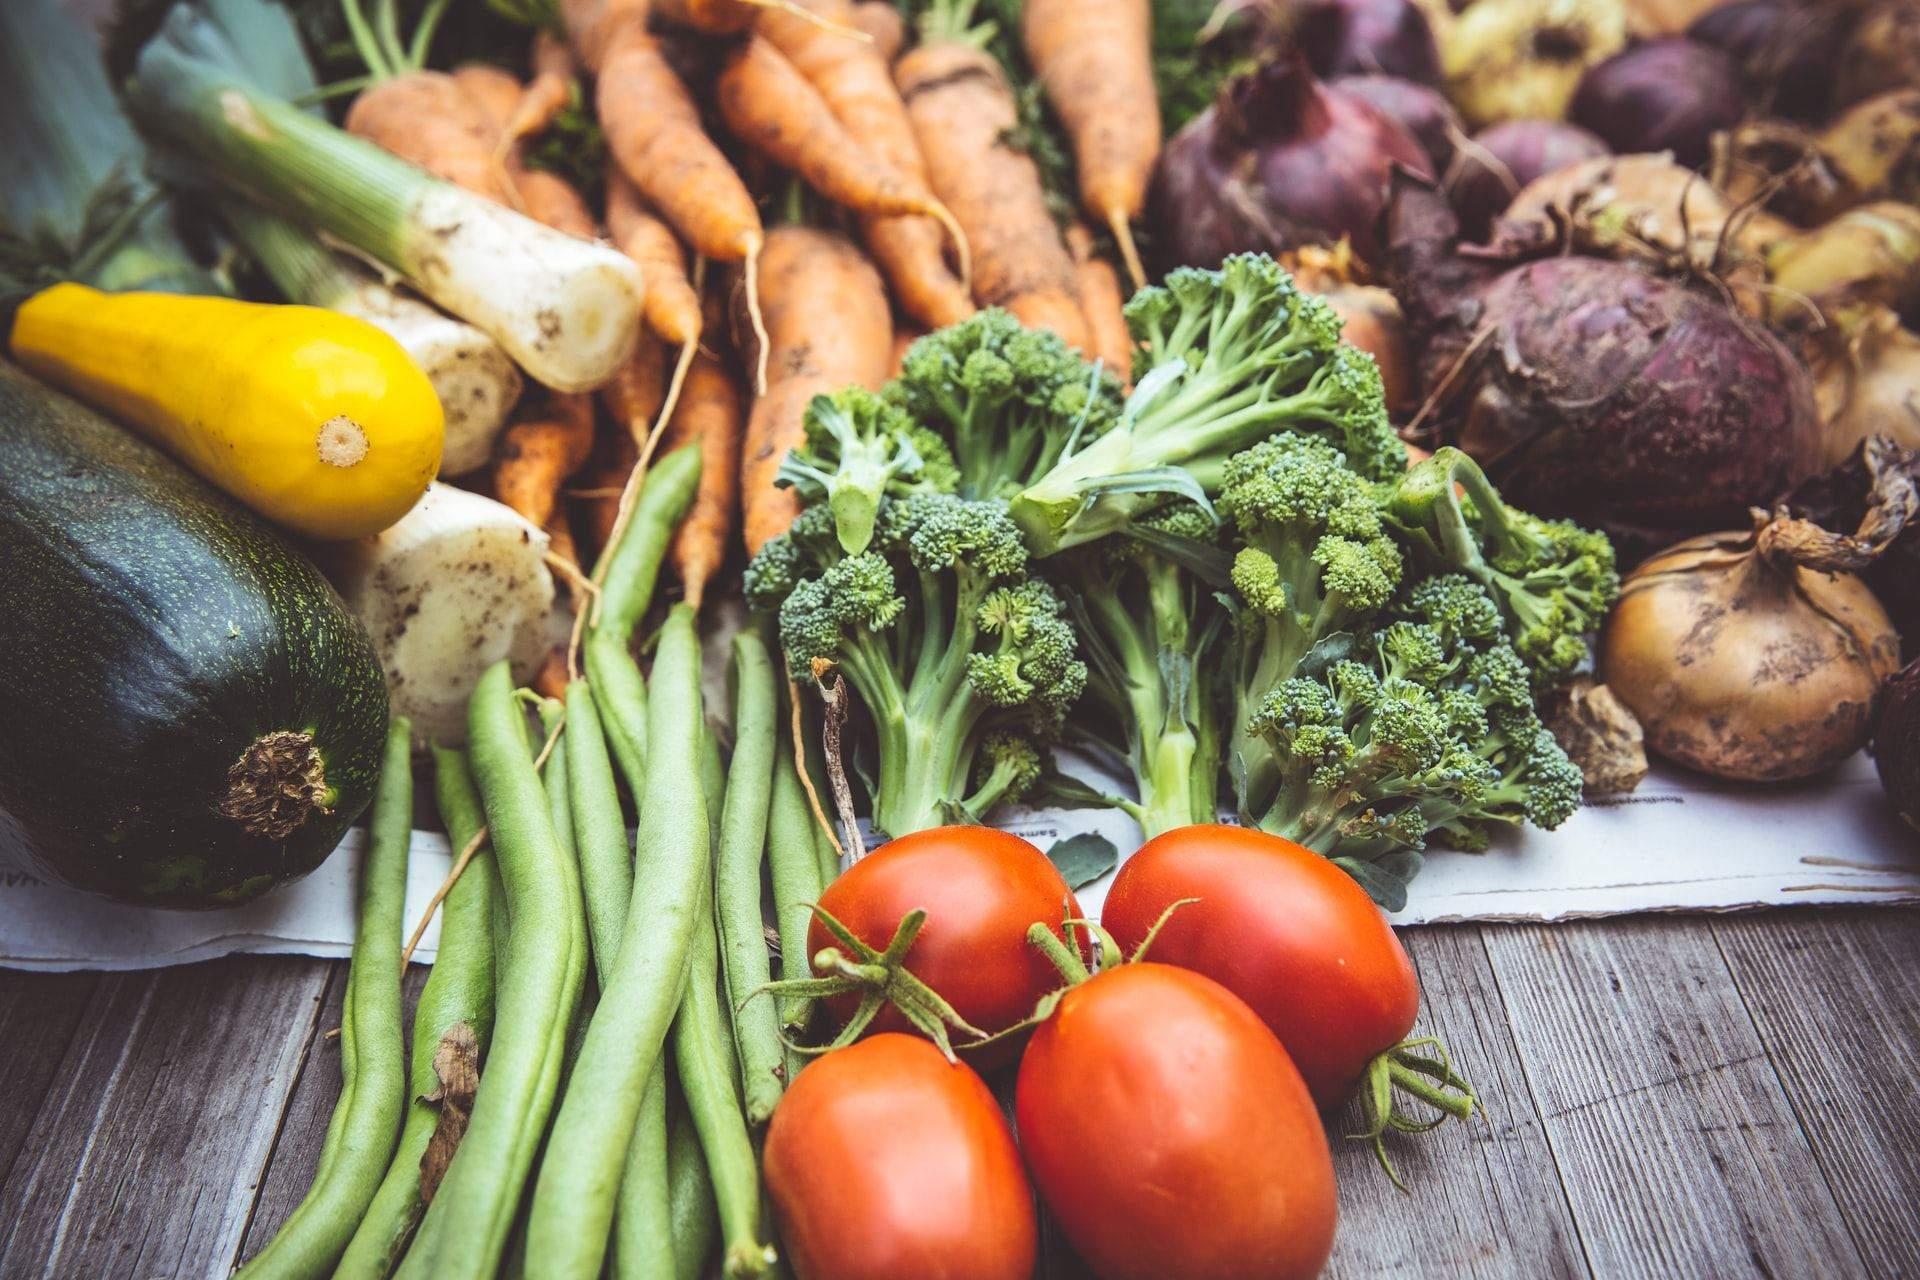 Обирайте у супермаркеті неочищені овочі